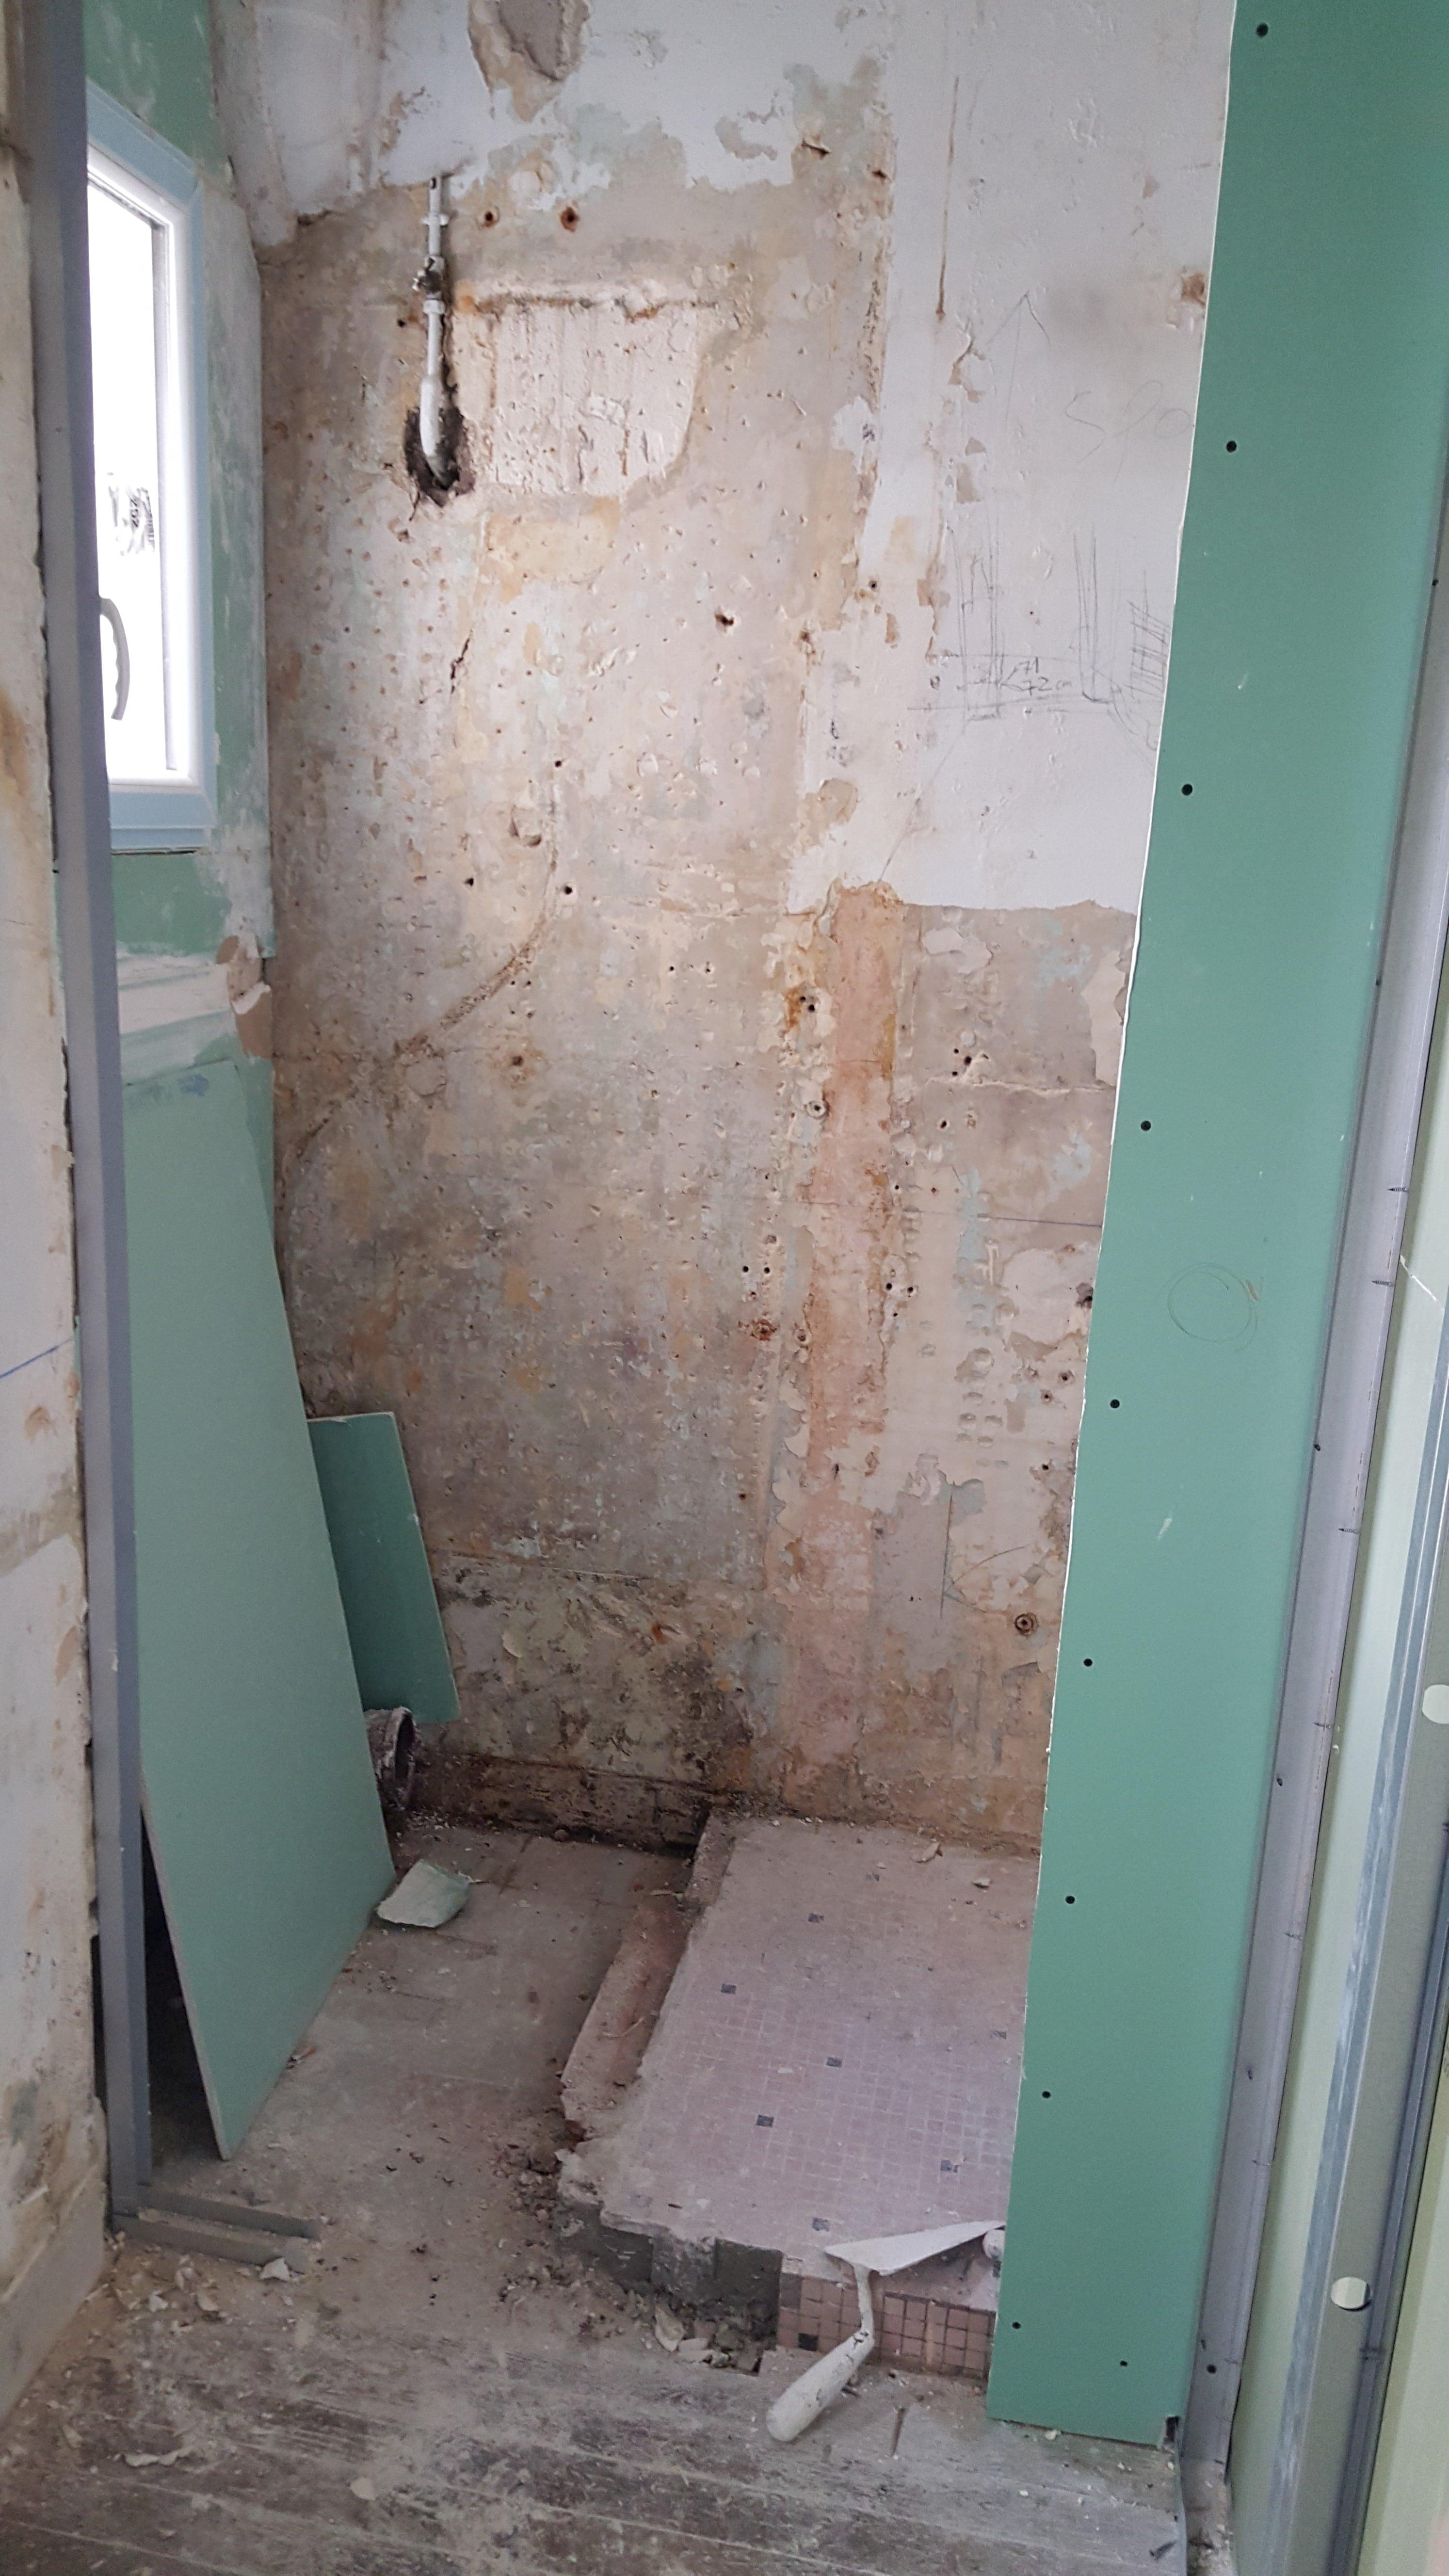 Travaux-de-renovation-a-Asnieres-d'un-studio-10-pose-de-carrelage-toile-de-verre-peinture-plomberie-electricite-salle-de-bains-texas-batiment-rge-min